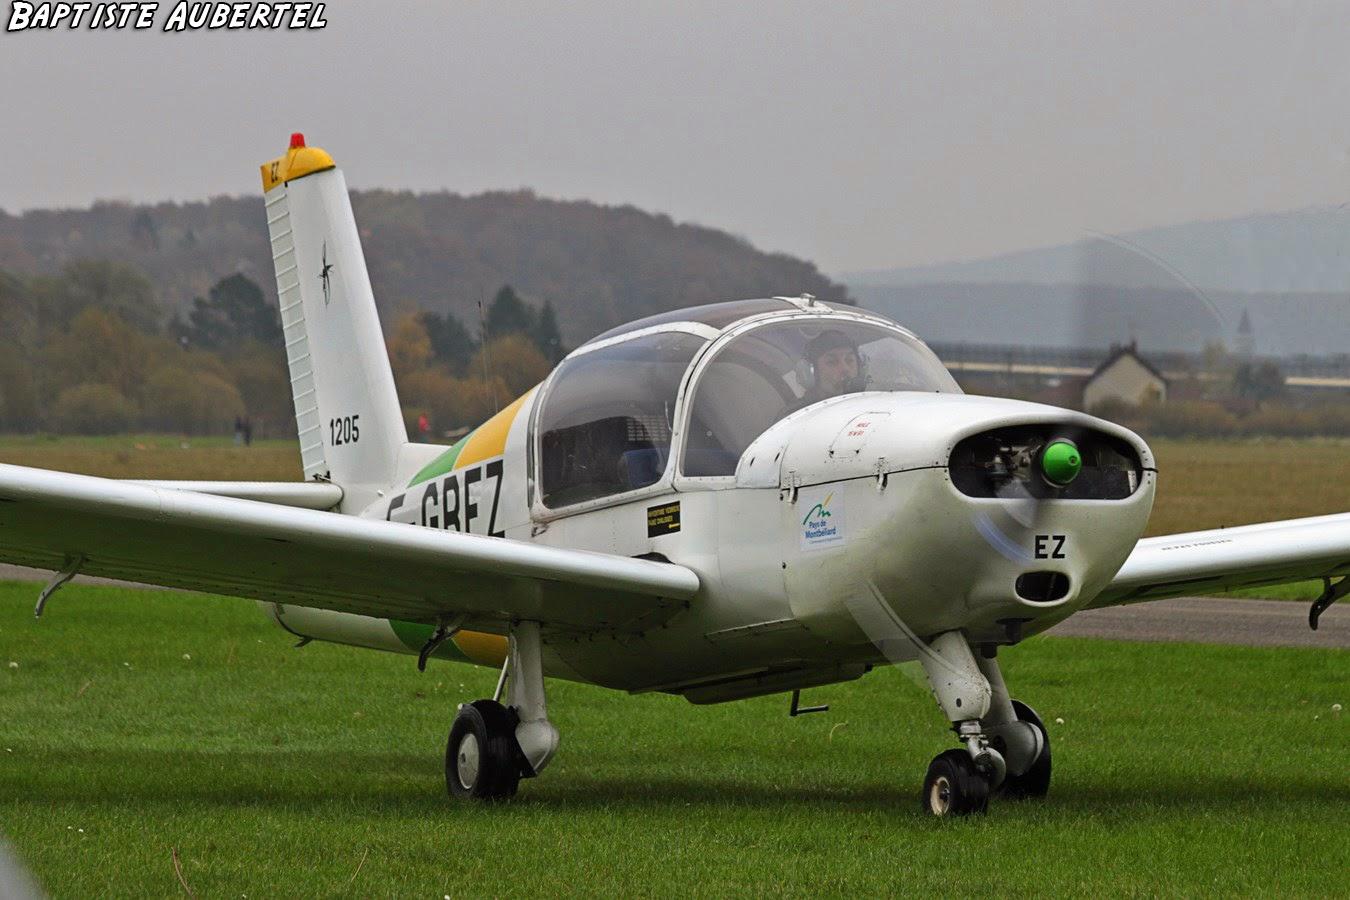 F-GBEZ C/N 1205